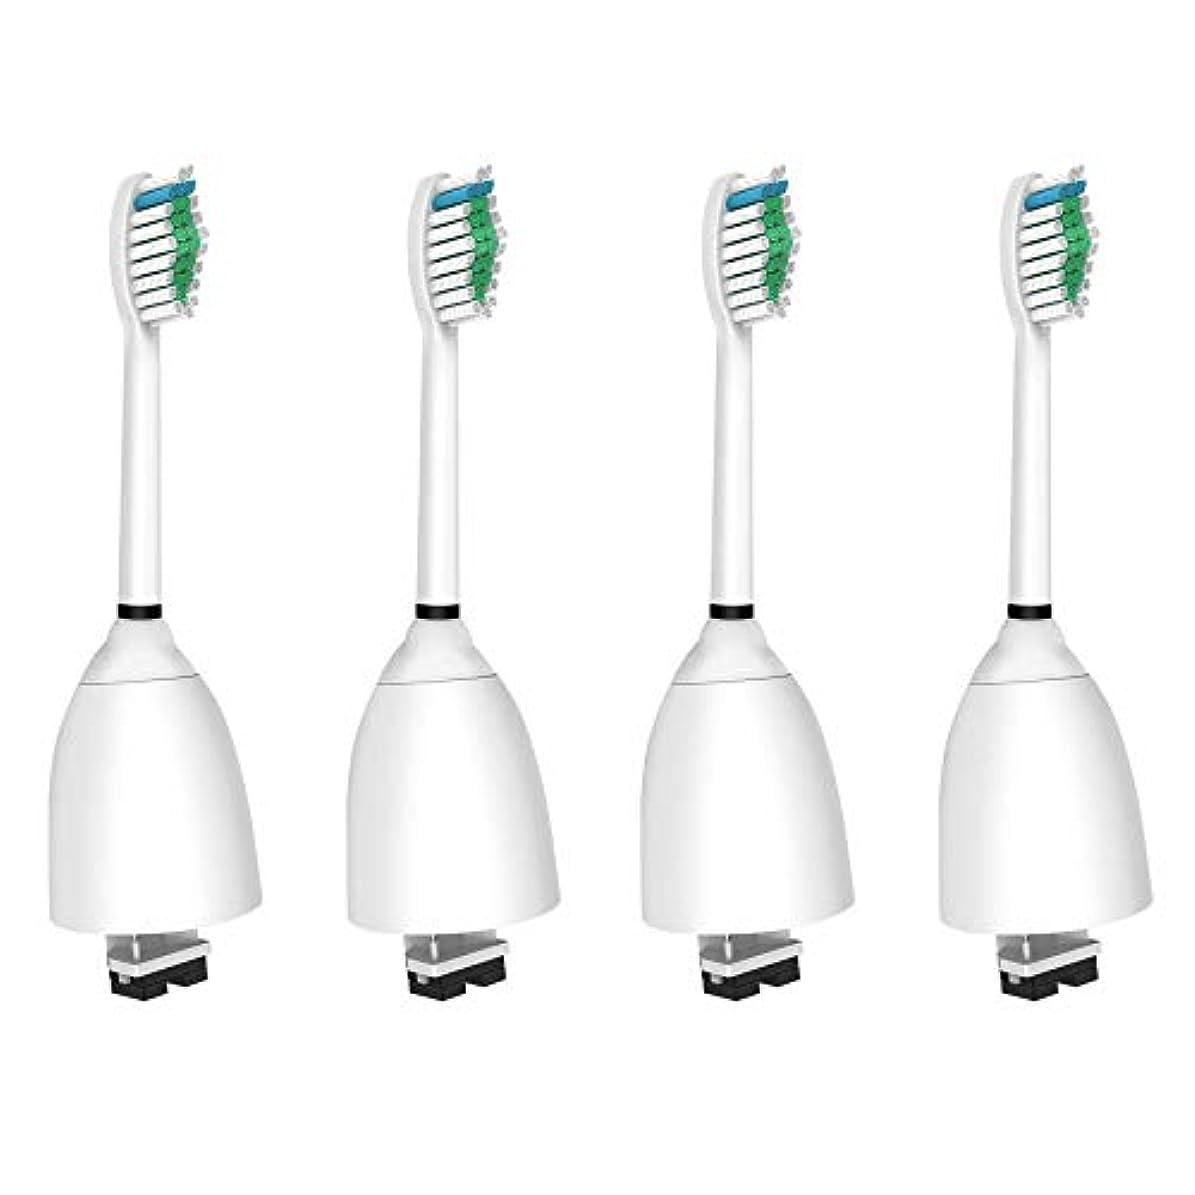 大量コアモルヒネWuYan ブラシヘッド 互換性 Philips Sonicare 歯ブラシヘッドに対応 E シリーズ 交換用 ブラシヘッド 互換性 エッセンス エリート エクストリーム アドバンスとクリーンケア 4 パック